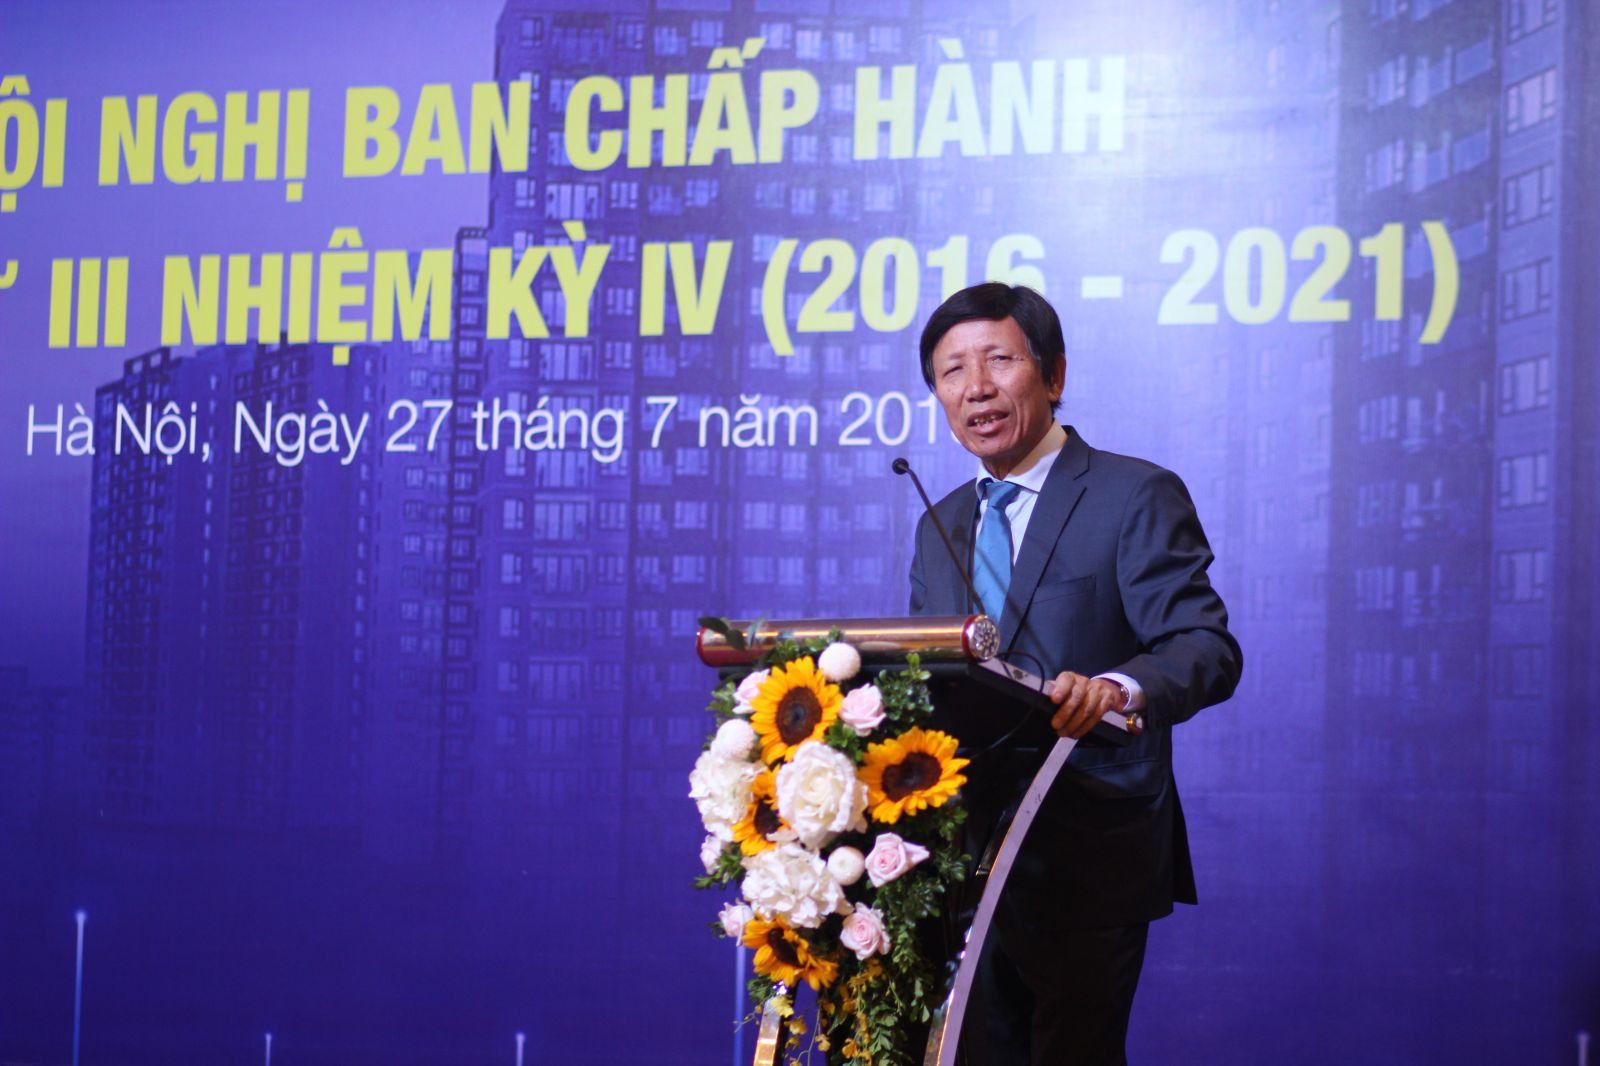 Ông Phan Hữu Thắng